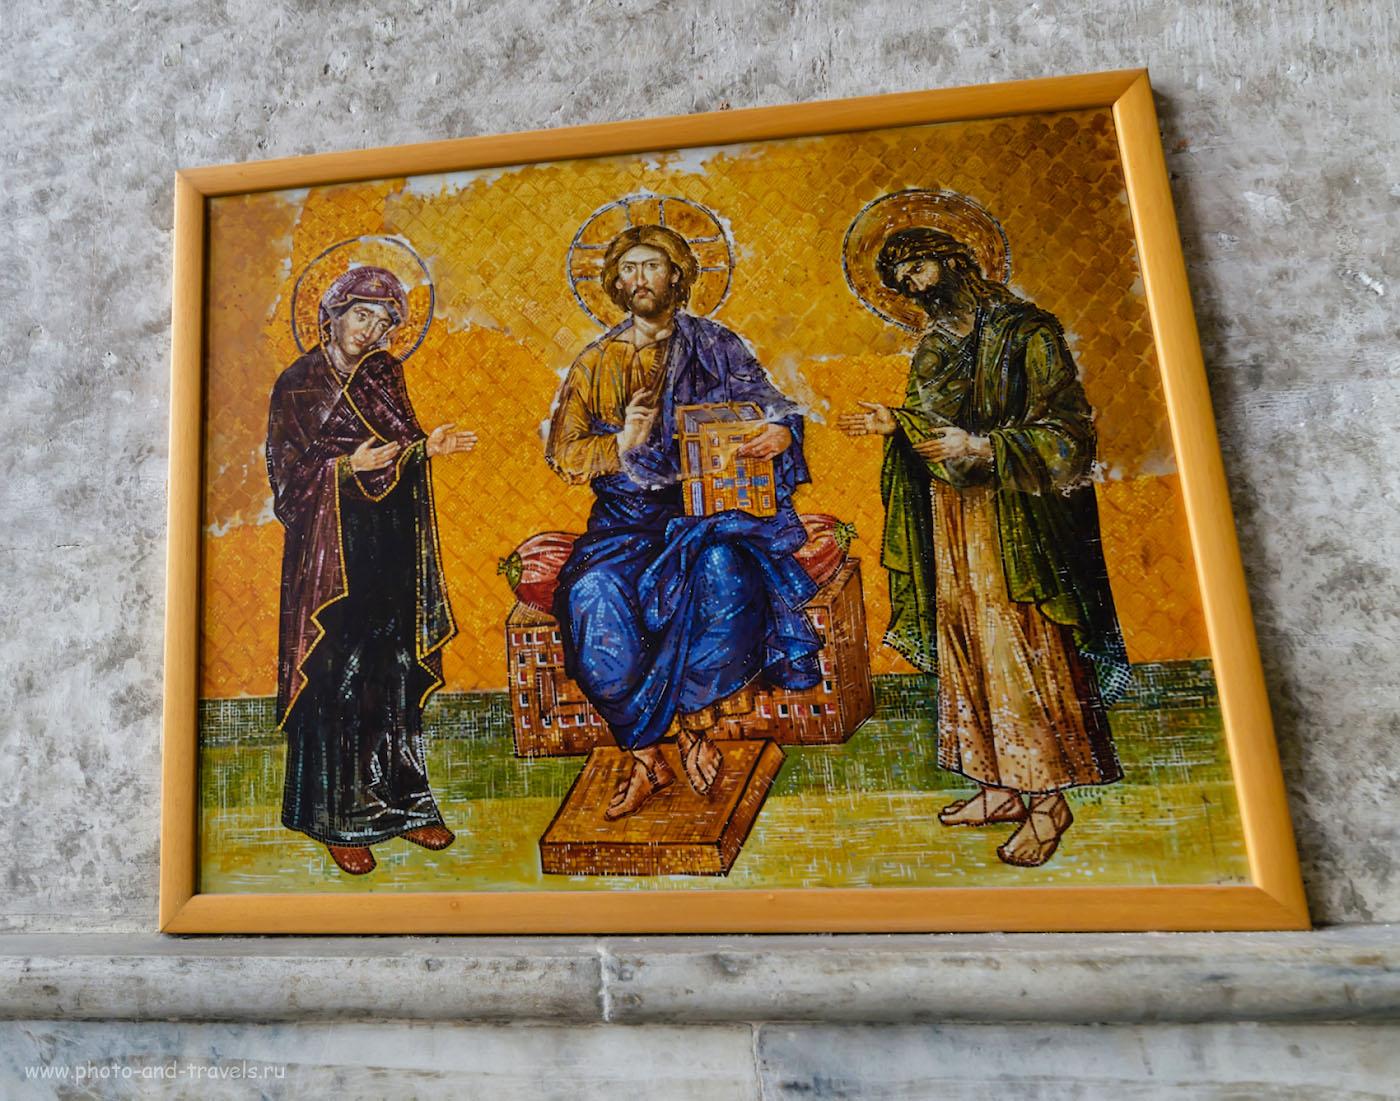 Фотография 28. Так выглядела мозаика «Деисус» в момент создания в 1261 году. 1/30, 5.6, 640, 14.